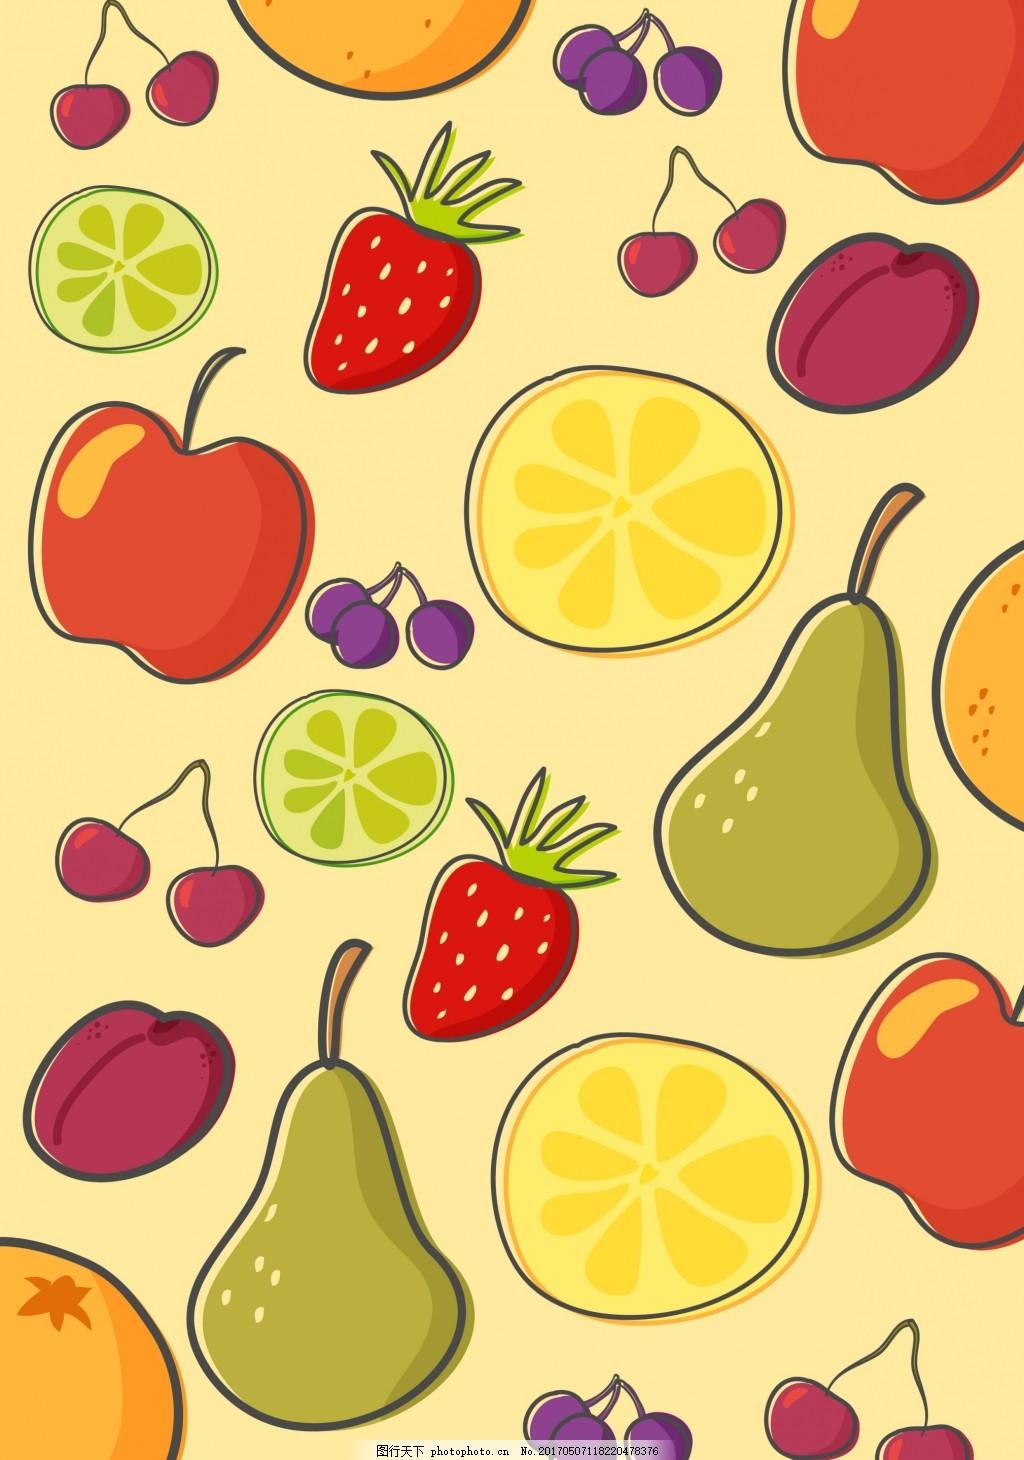 手绘清新水果背景素材 手绘美食 矢量素材 食物 手绘食物 美食图标